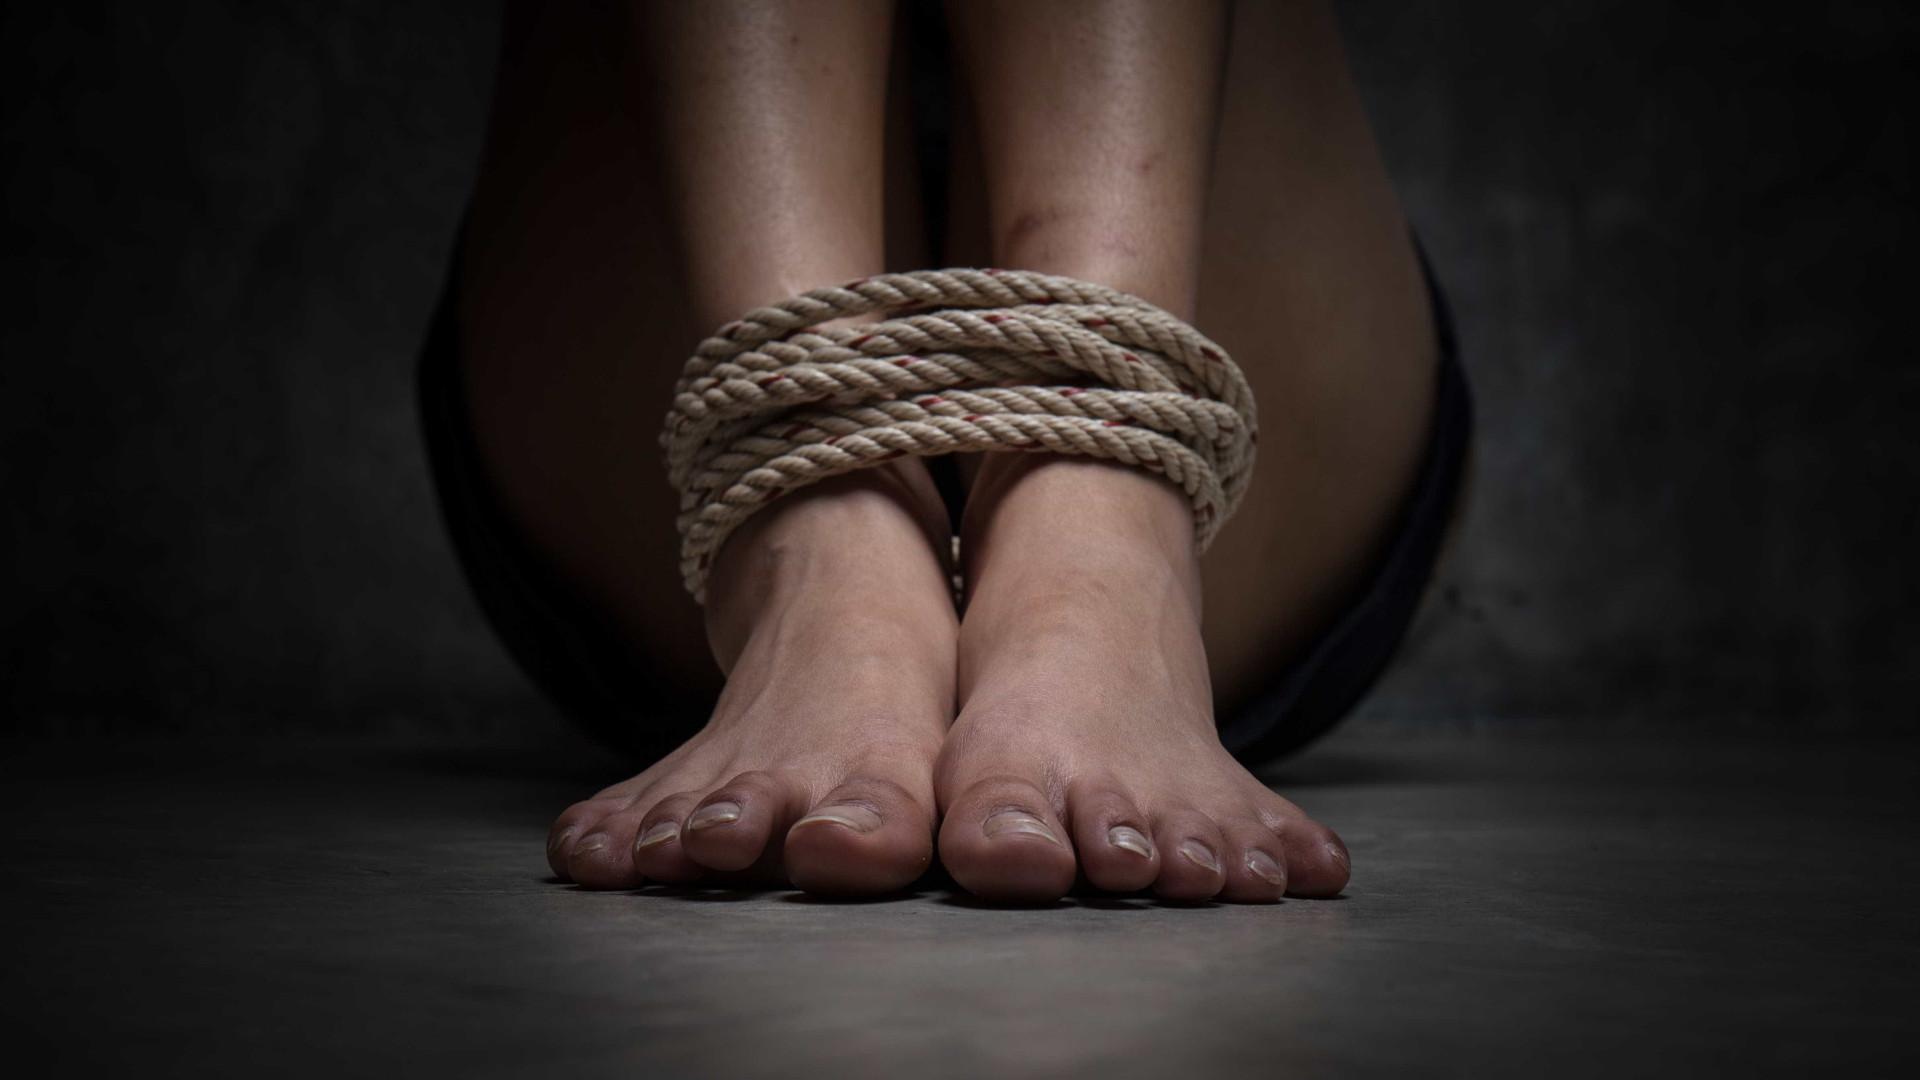 Português e filho detidos em França suspeitos de tráfico de seres humanos